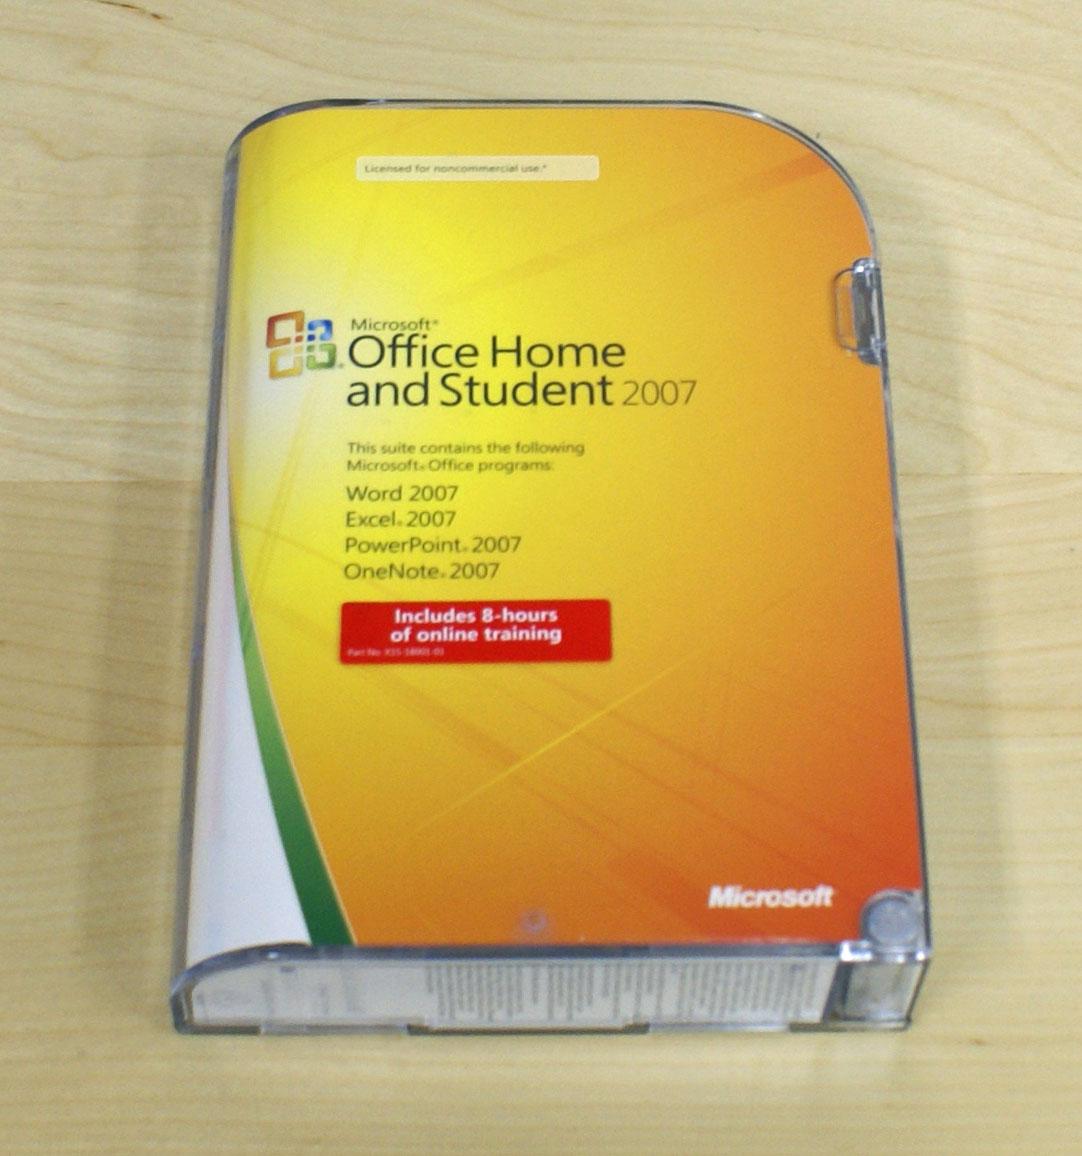 【中古】Microsoft Office HOME and Student 2007 英語版